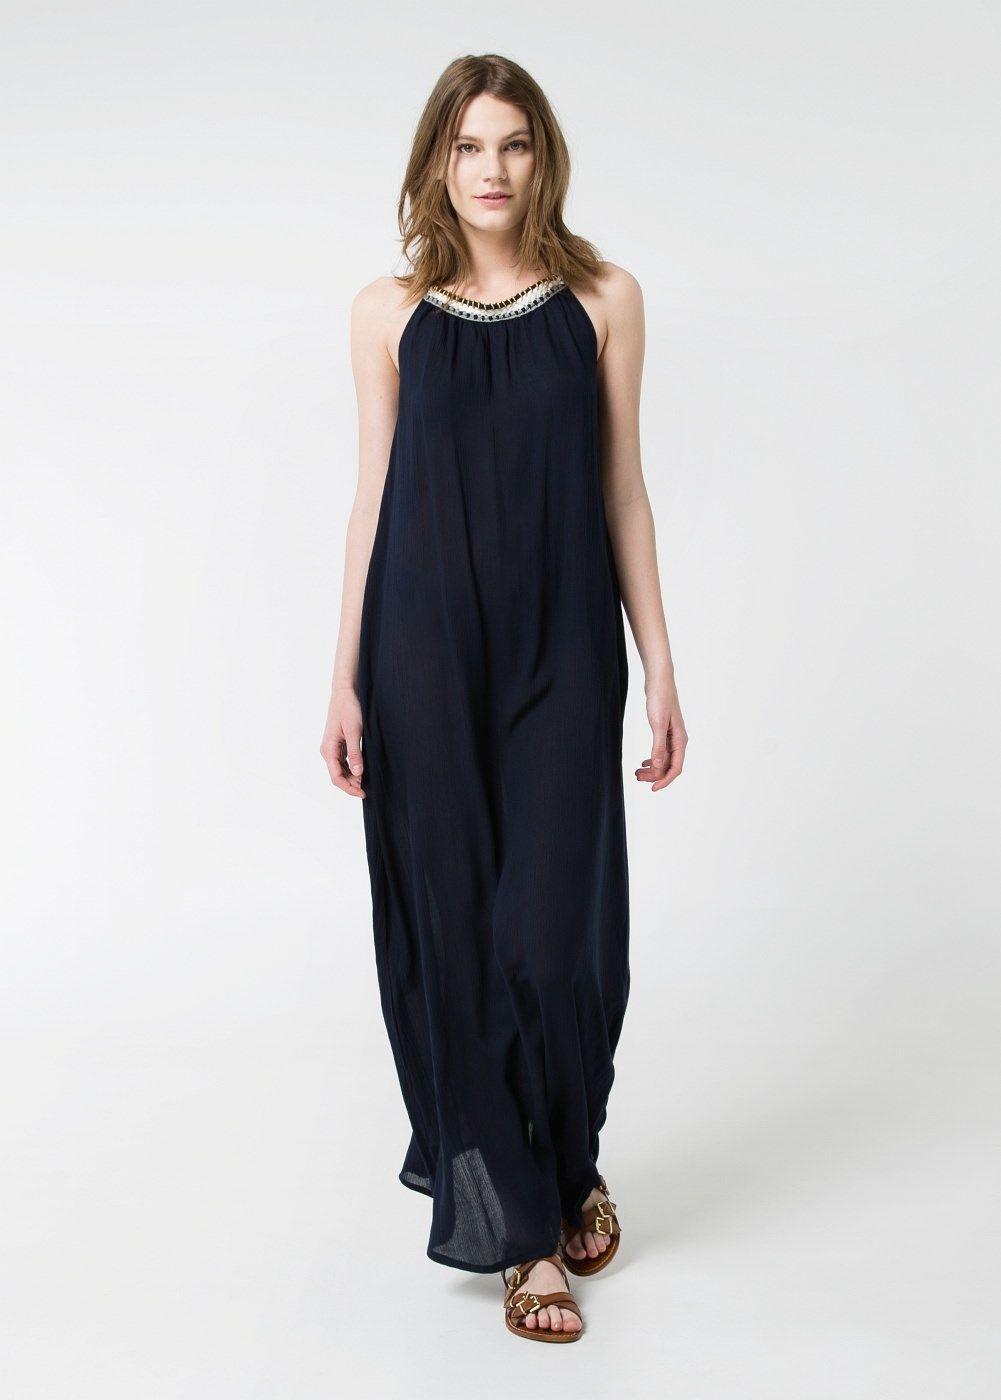 Vestido halter largo - Mujer | Pinterest | Patrones, Modelo y Costura